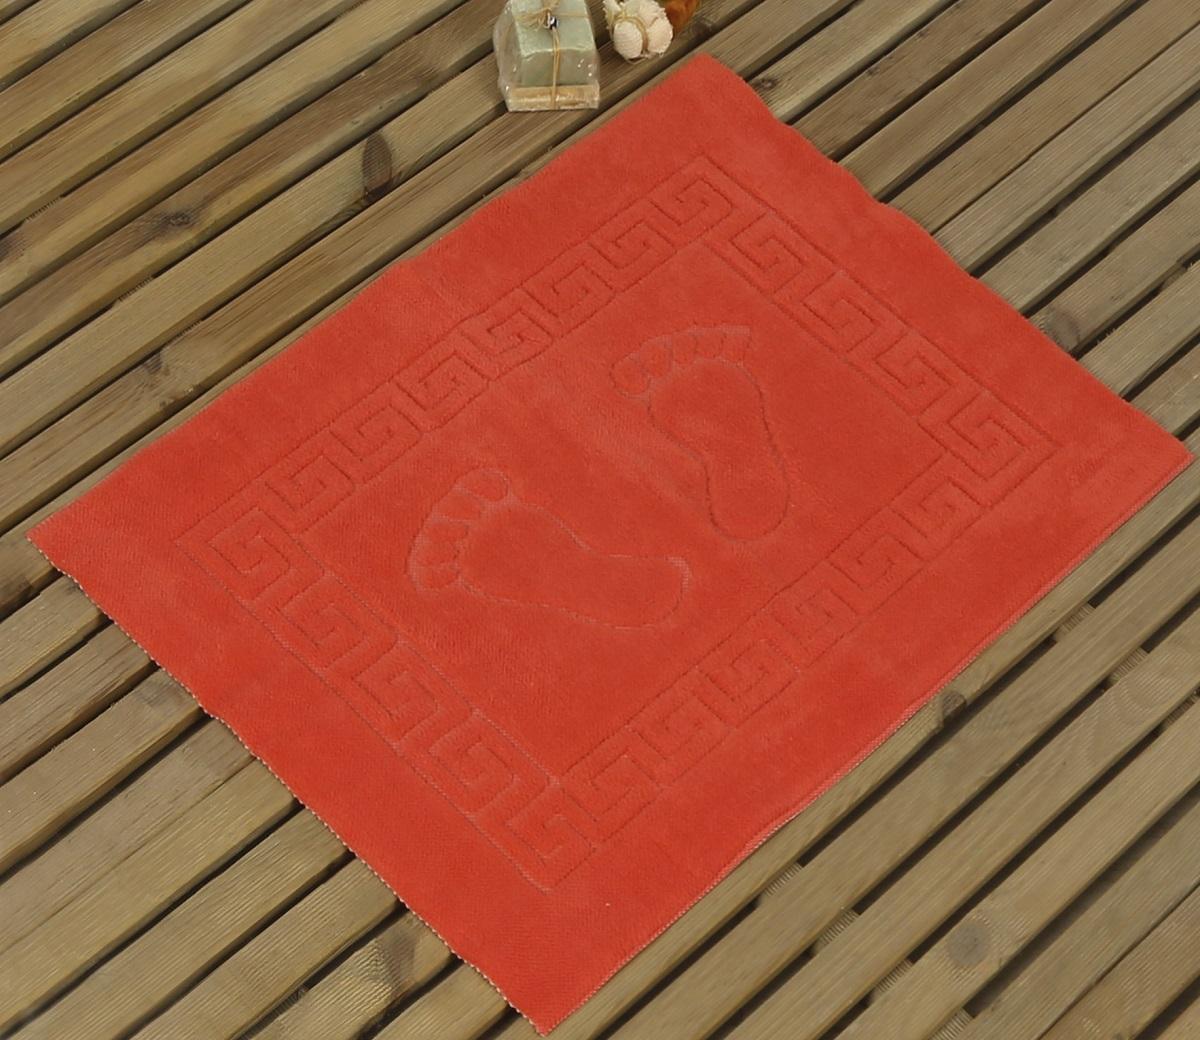 Коврик для ванной Karna Likya , цвет: персиковый, 50 х 70 см631/CHAR002Коврик Karna сделан из 100% полиэстера. Полиэстер является синтетическим волокном. Ткань, полностью изготовленная из полиэстера, даже после увлажнения, очень быстро сохнет. Изделия из полиэстера практически не требовательны к уходу и обладают высокой устойчивостью к износу. Изделия из полиэстера не мнутся и легко стираются, после стирки очень быстро высыхают. Материал очень прочный, за время использования не растягивается и не садится. А так же обладает высокой влагонепроницаемостью.